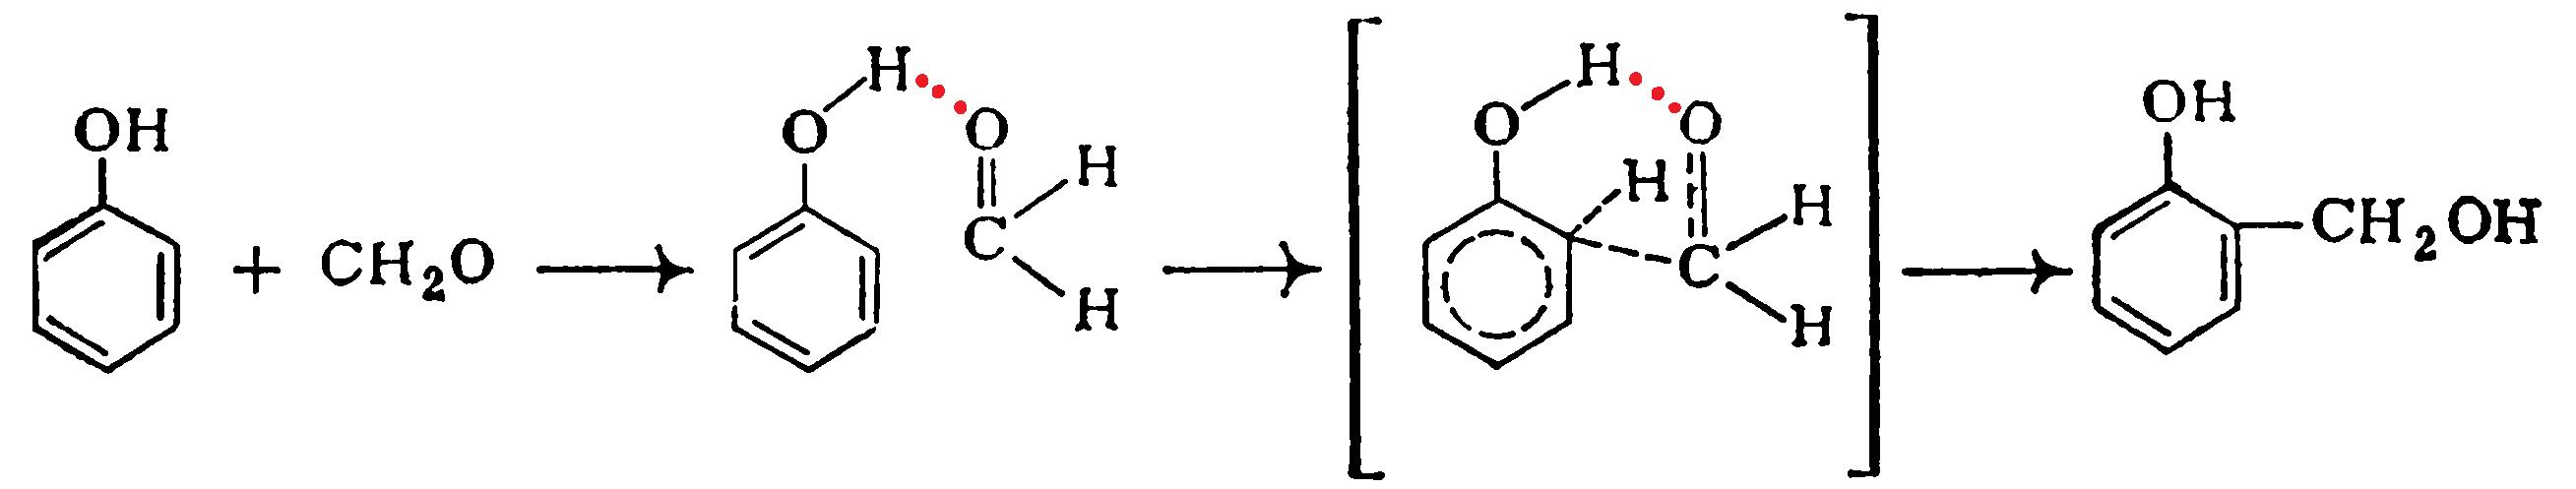 Новолаки и резолы при синтезе фенолоальдегидных полимеров: определение, получение и подробное описание со ссылками на авторитетные источники